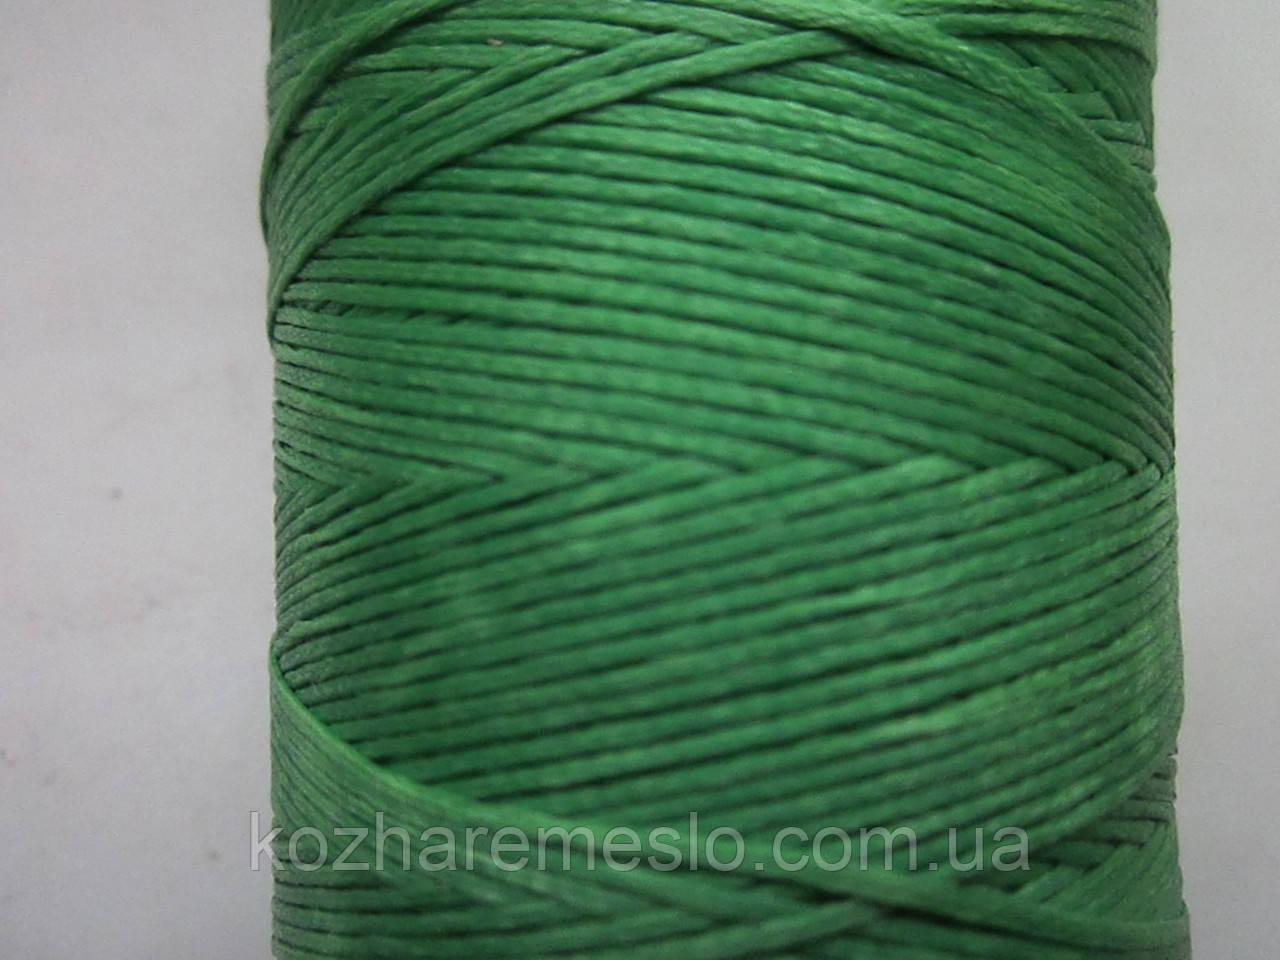 Нить вощёная плоская 0,8 мм светло - зелёная